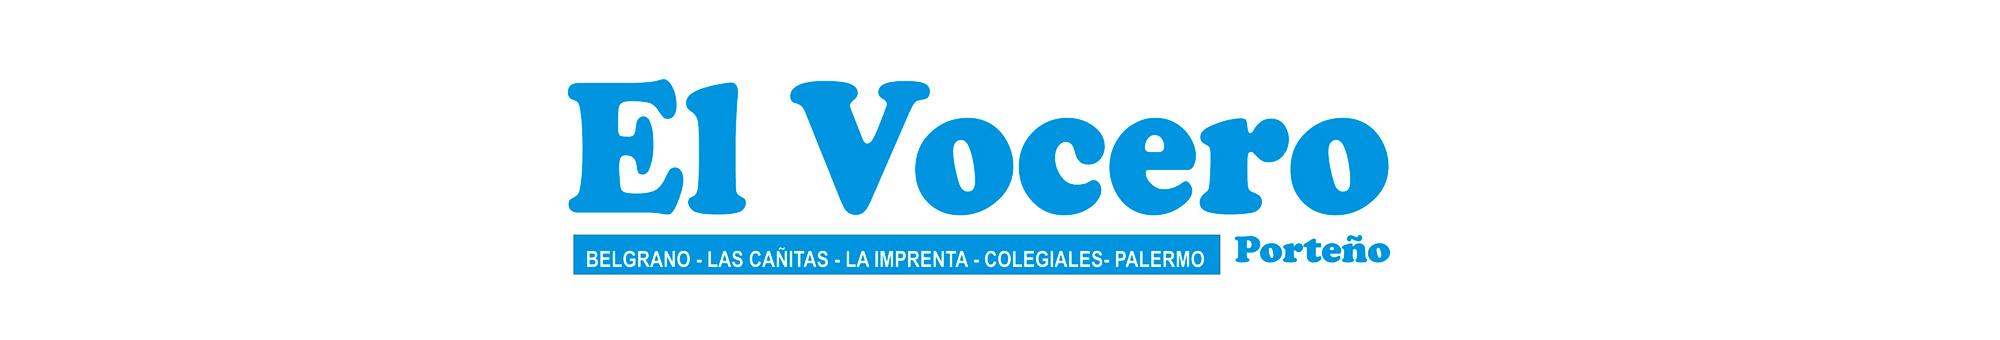 El Vocero Porteño, Portal de noticias barriales